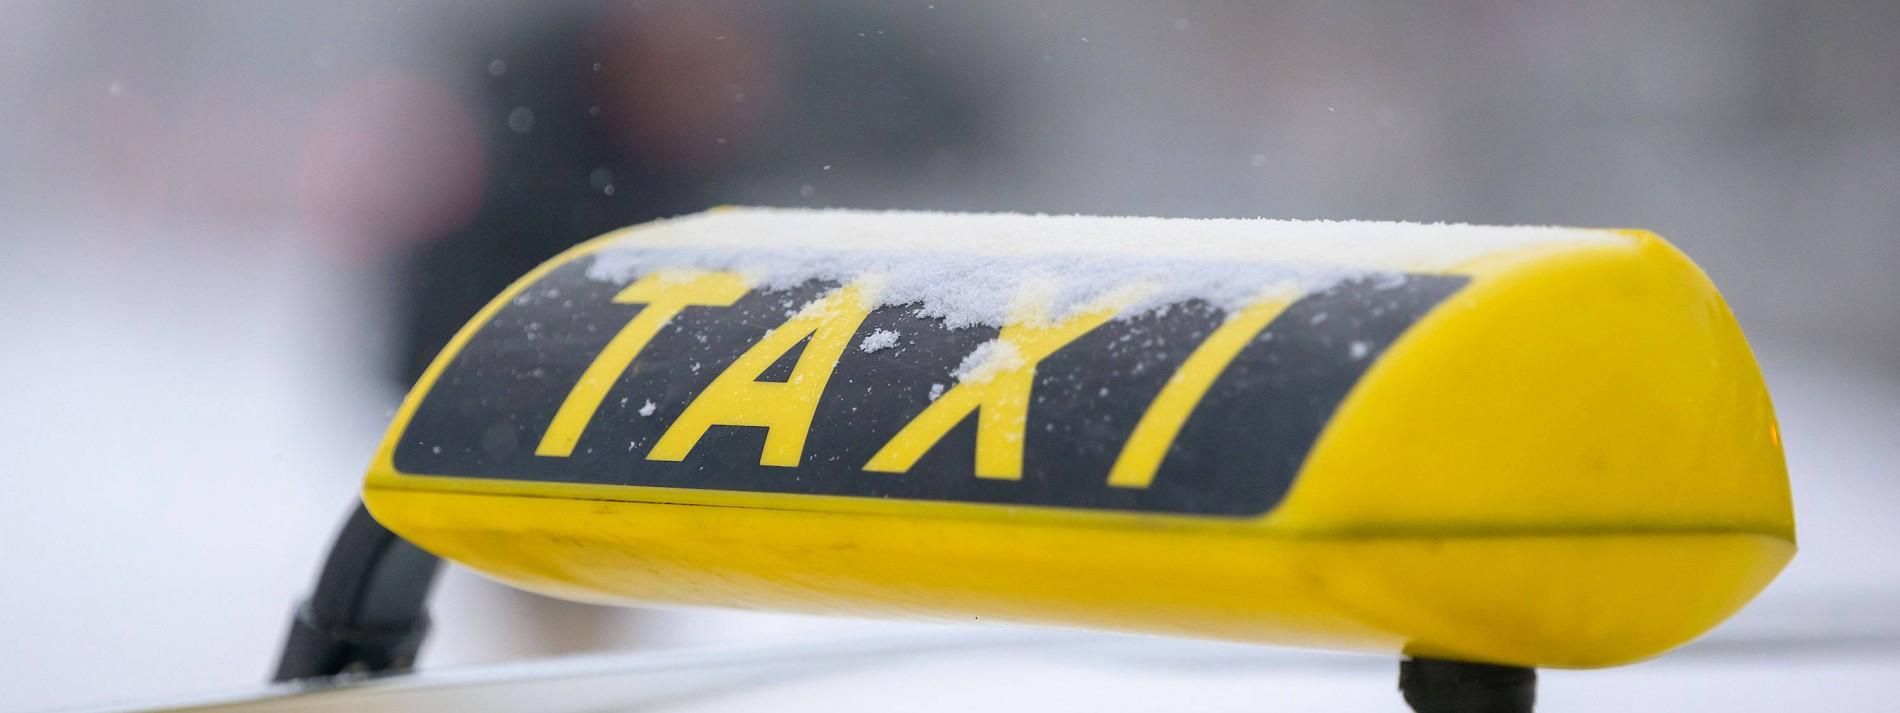 Taxifahrer mit Pistole bedroht – Autobahn 7 gesperrt